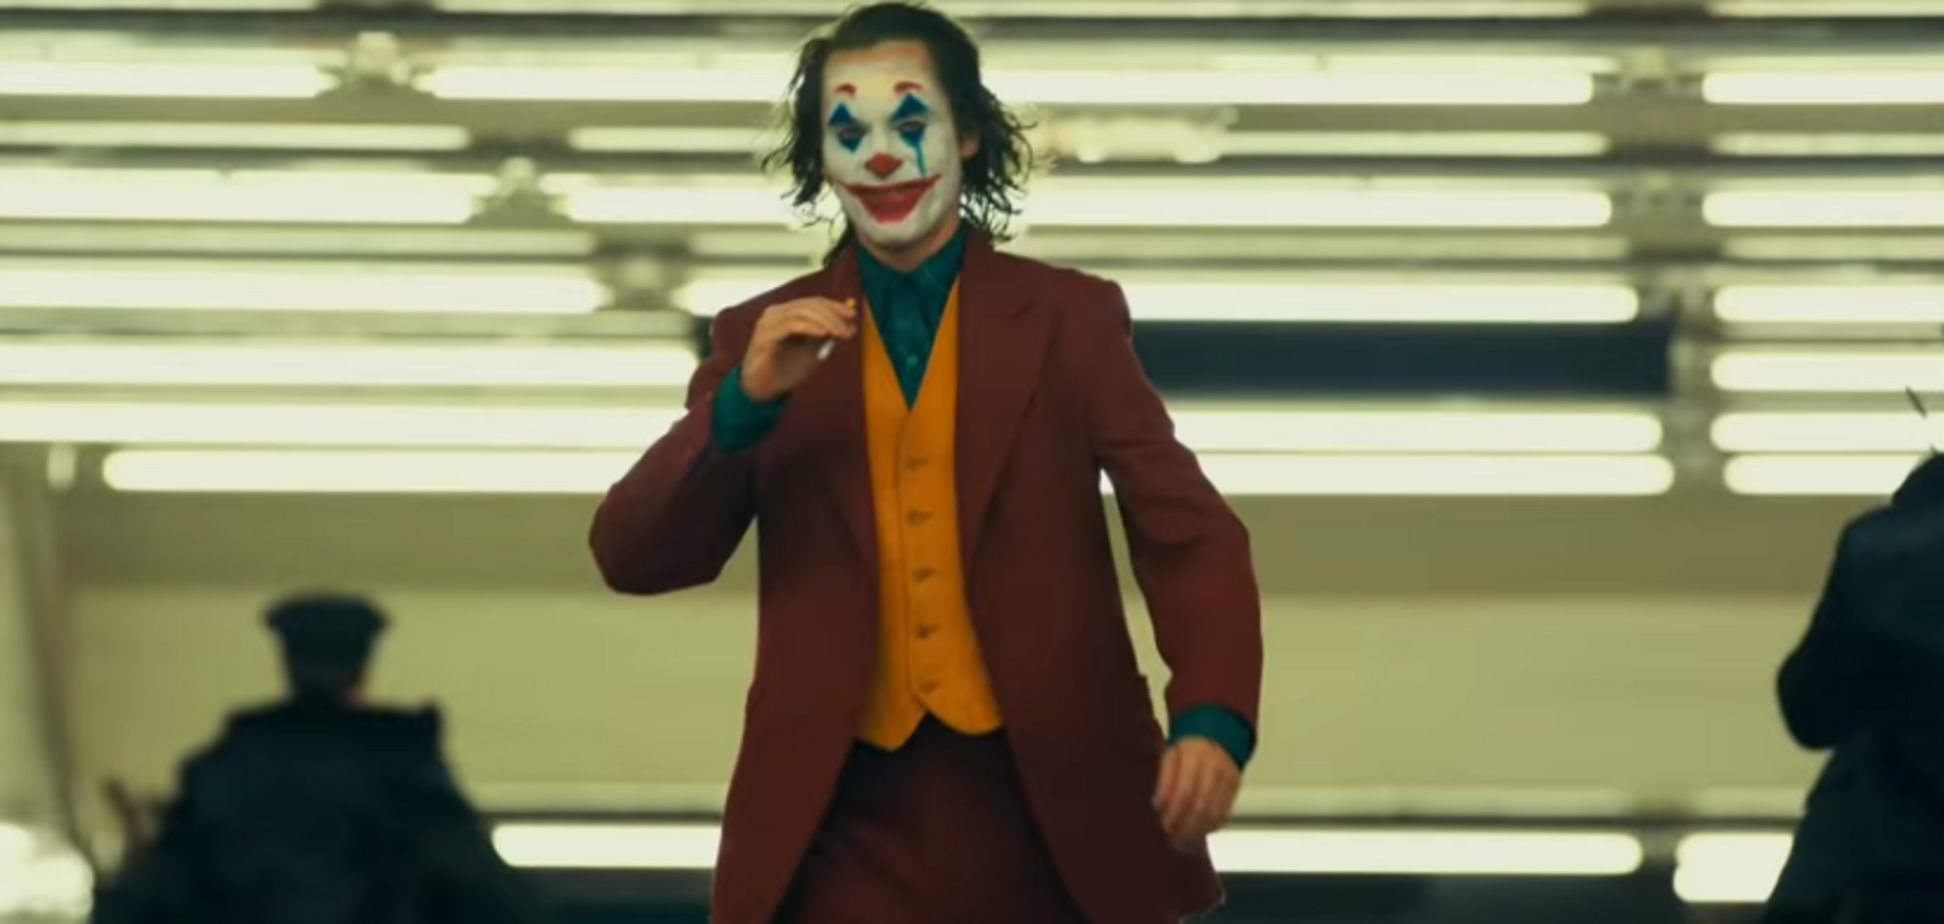 Фільм 'Джокер' вийшов у прокат: трейлер і перші відгуки